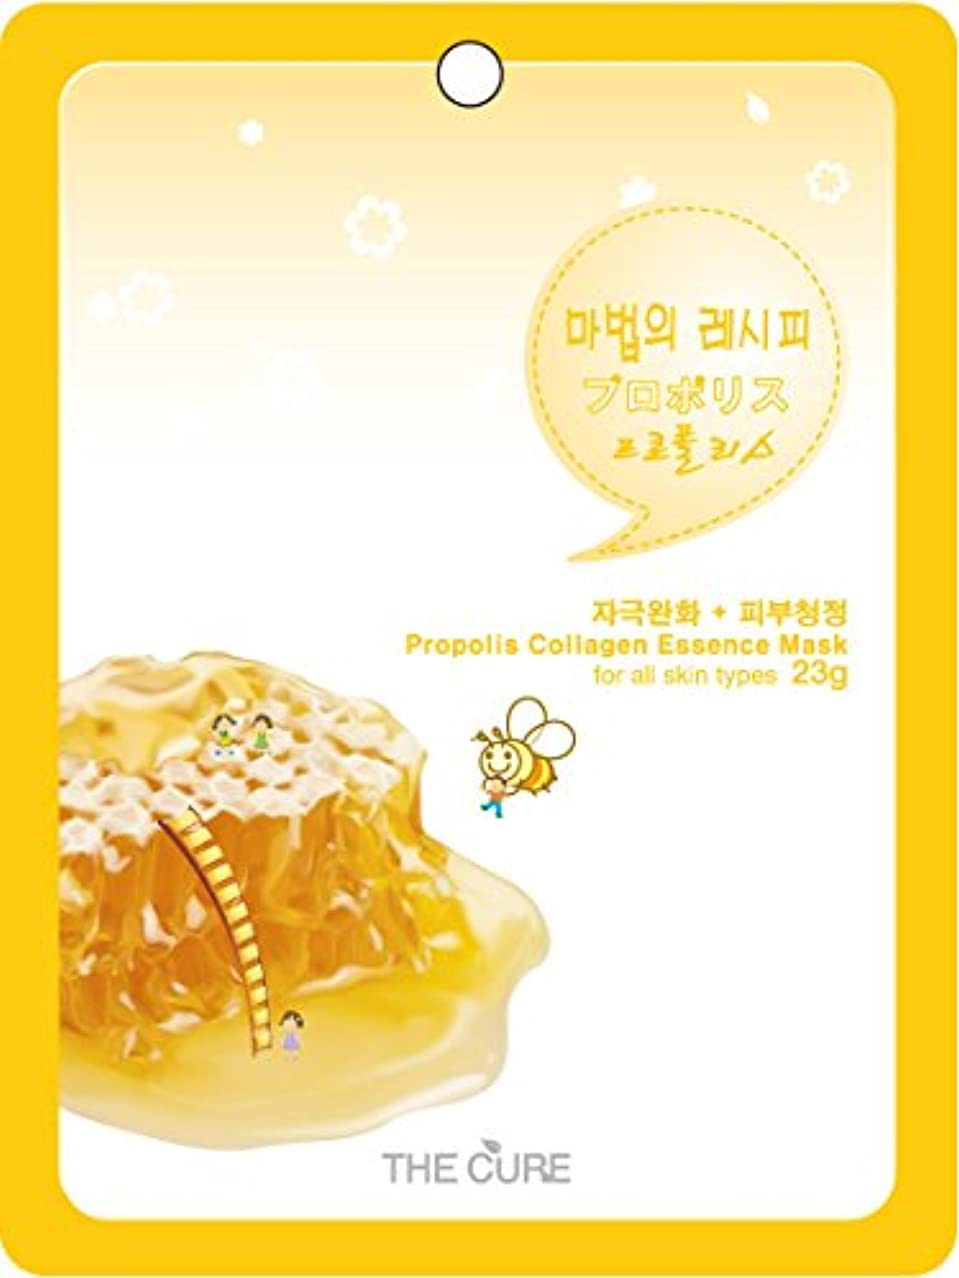 正しくブランド名プロポリス コラーゲン エッセンス マスク THE CURE シート パック 100枚セット 韓国 コスメ 乾燥肌 オイリー肌 混合肌